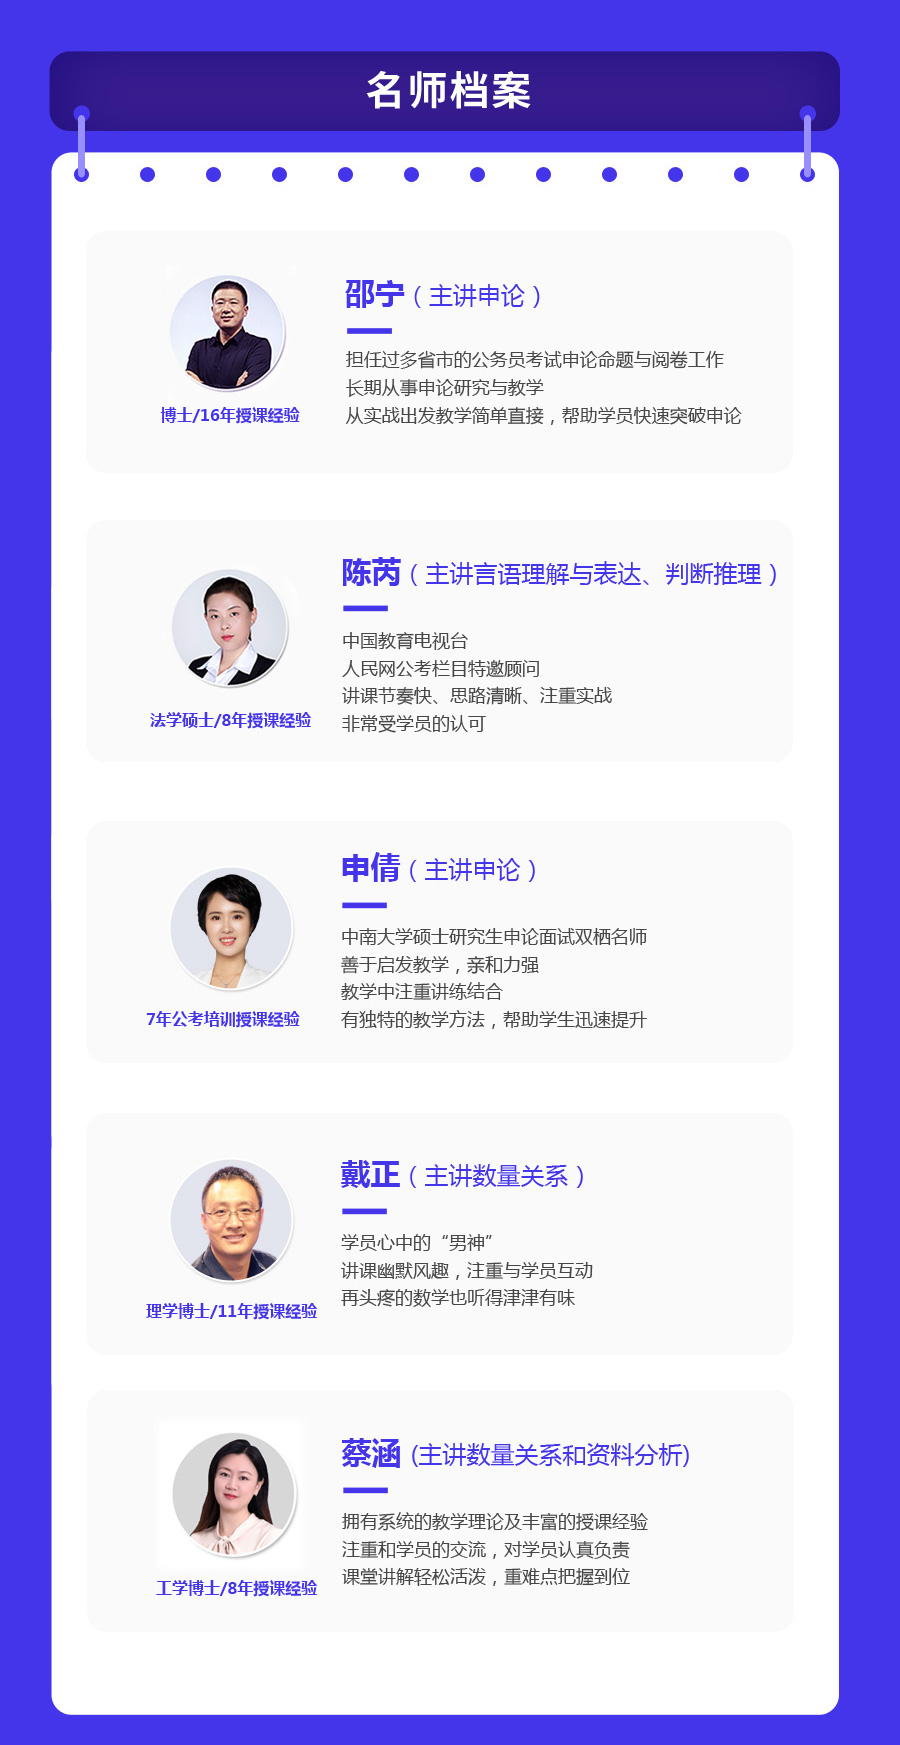 2021年国考_江苏省考笔试系统班详情_08